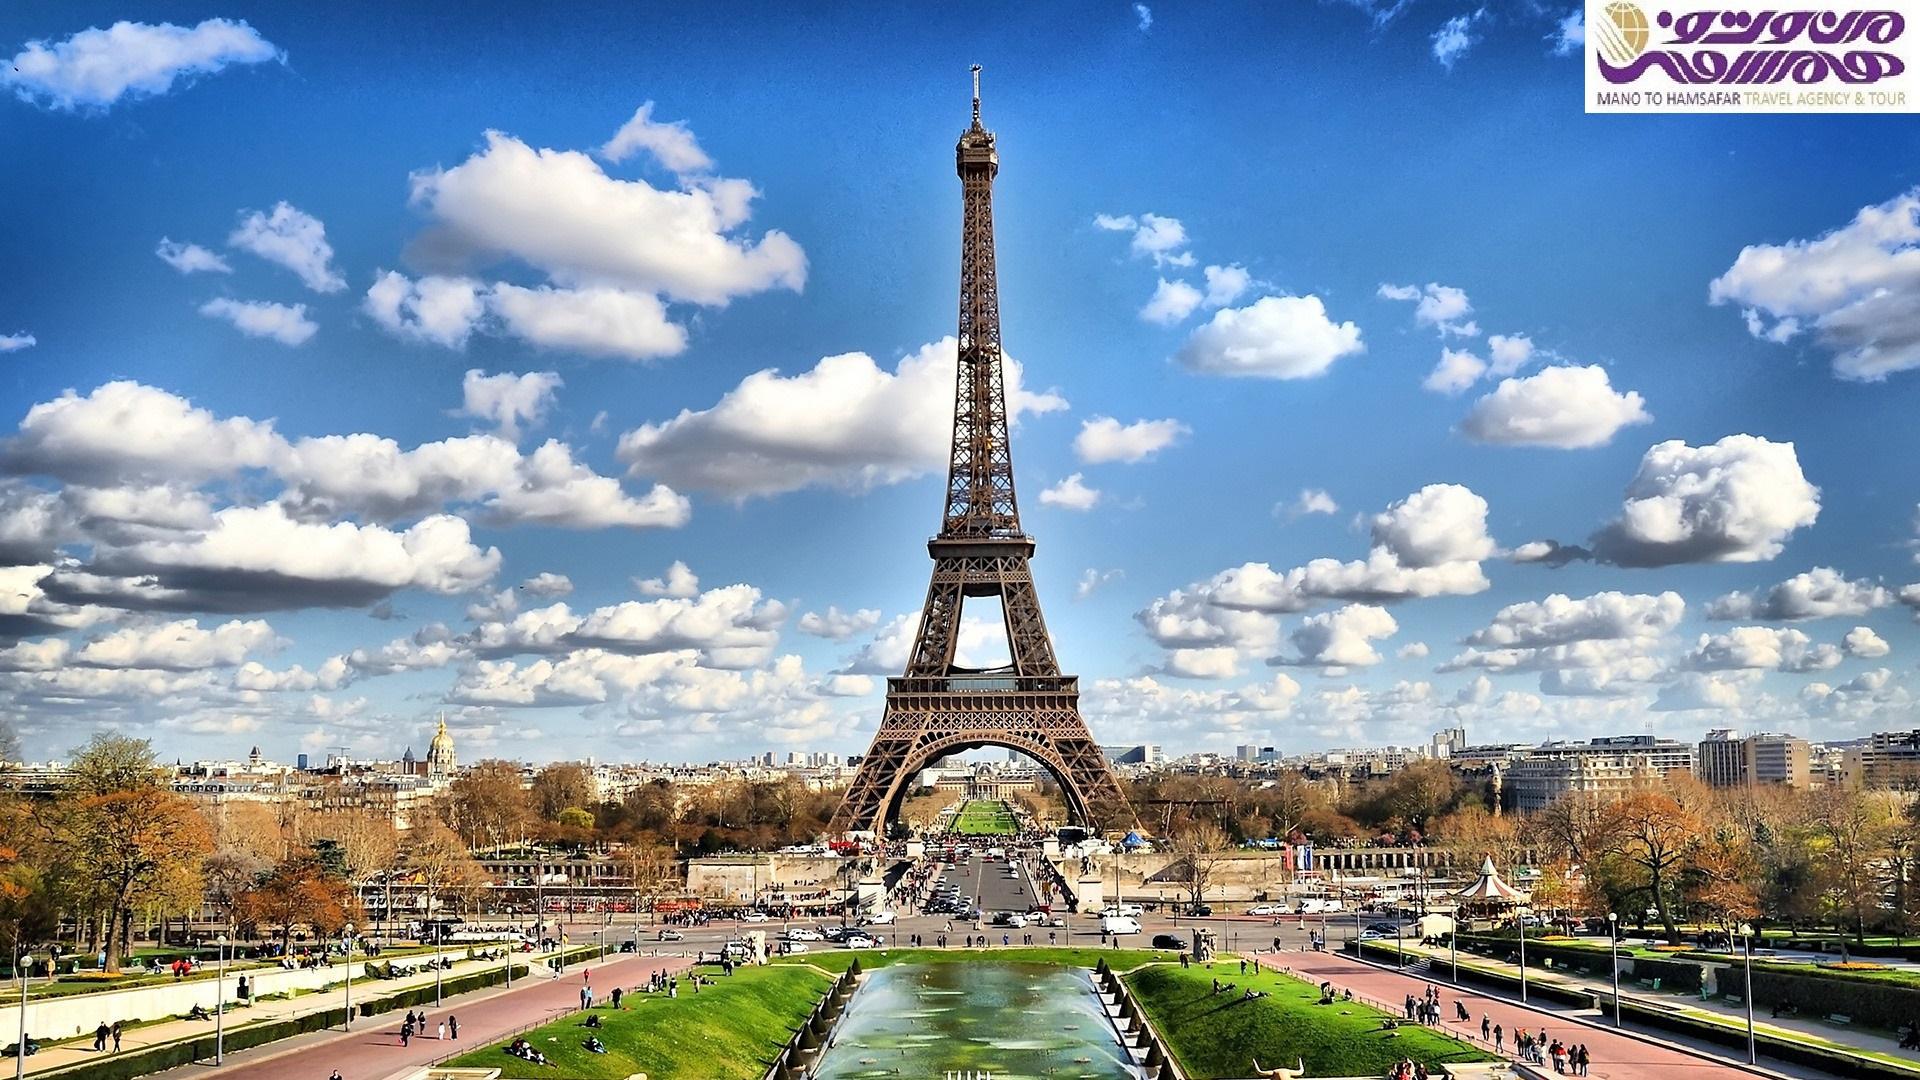 تور فرانسه از 1 دی ماه 96، جمعه هر هفته